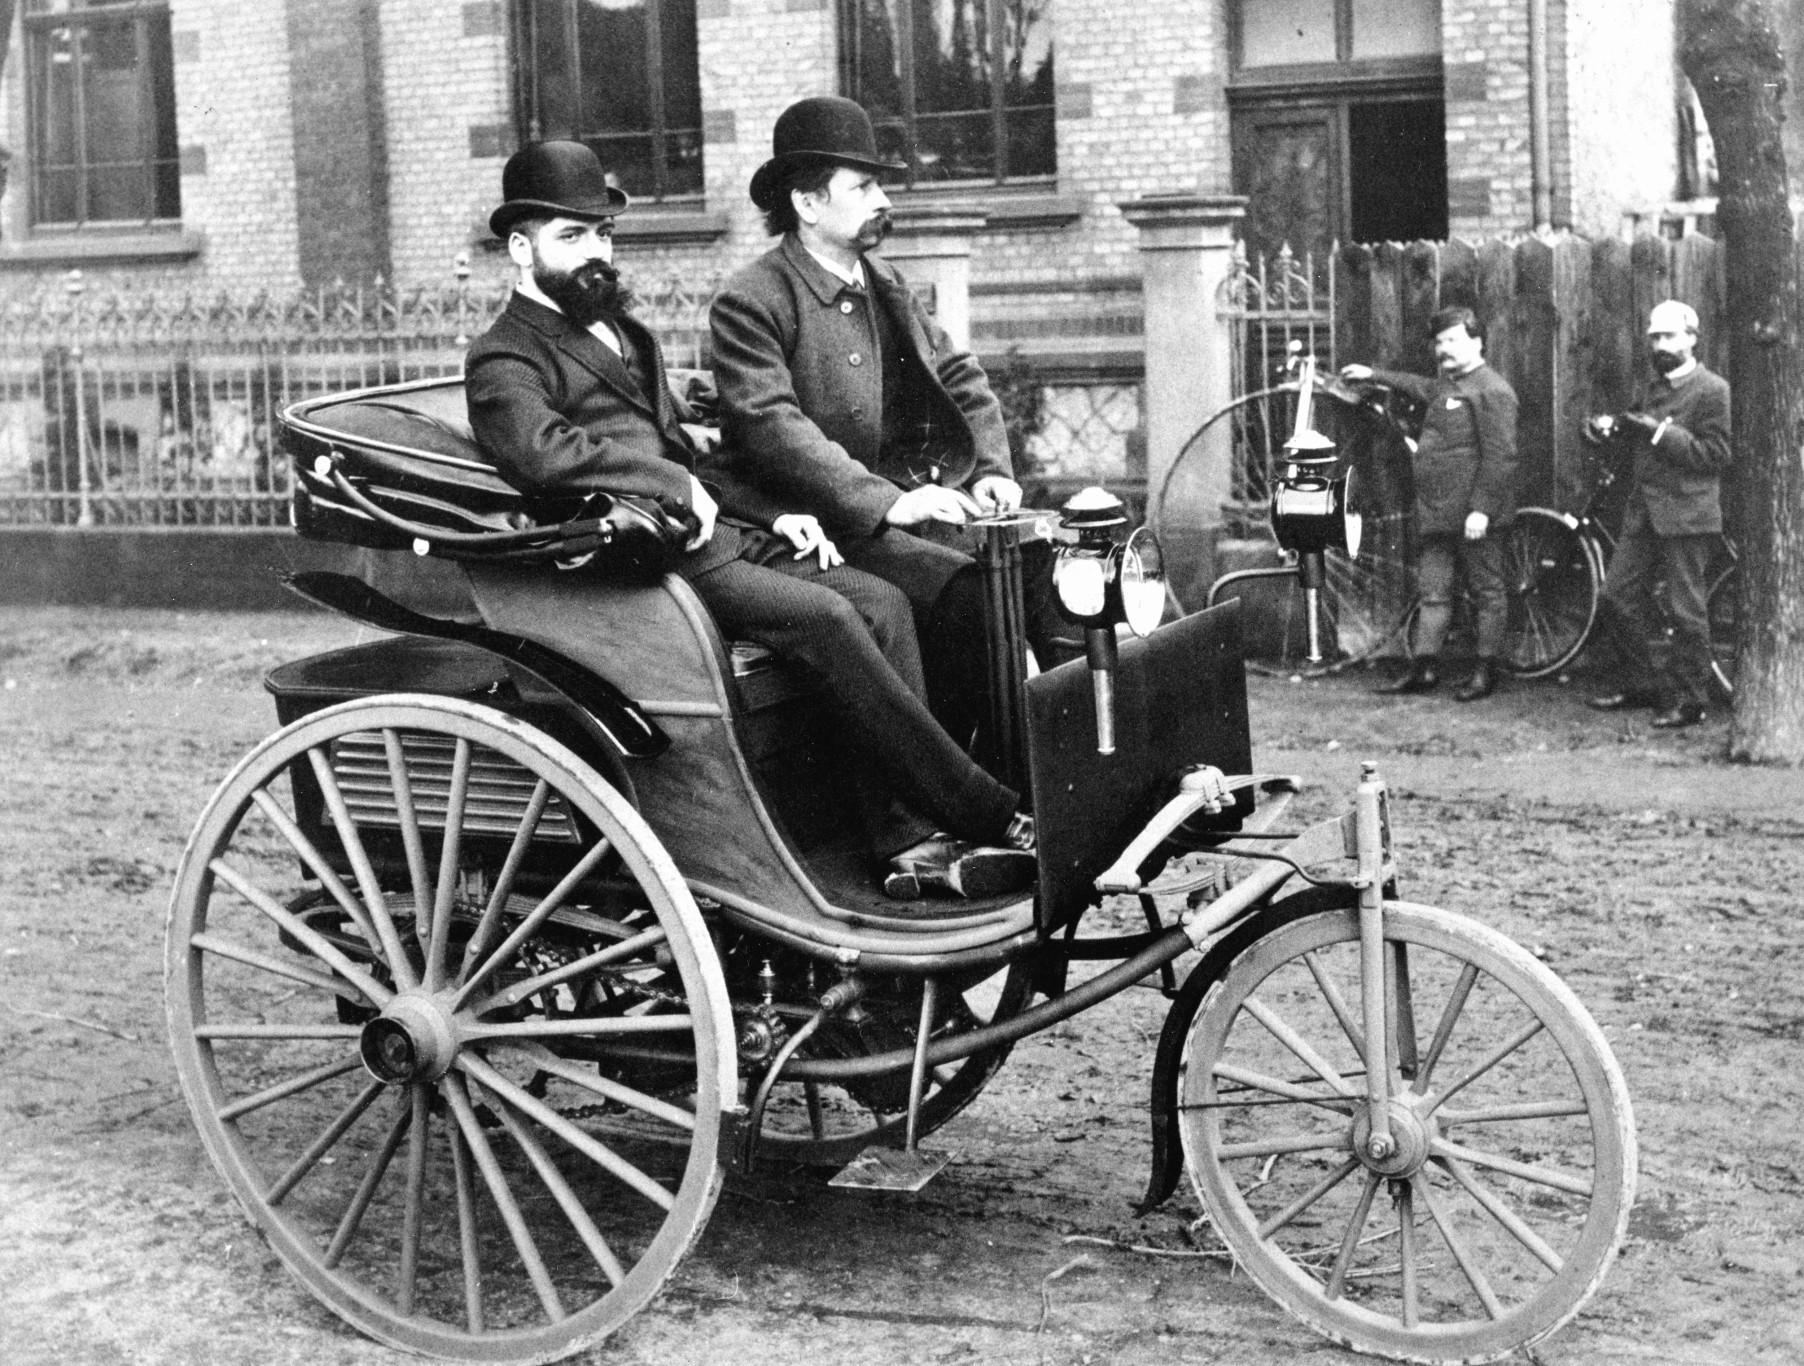 15 masini care au schimbat cursul istoriei auto in cei 130 de ani de existenta a automobilului - 15 masini care au schimbat cursul istoriei auto in cei 130 de ani de existenta a automobilului